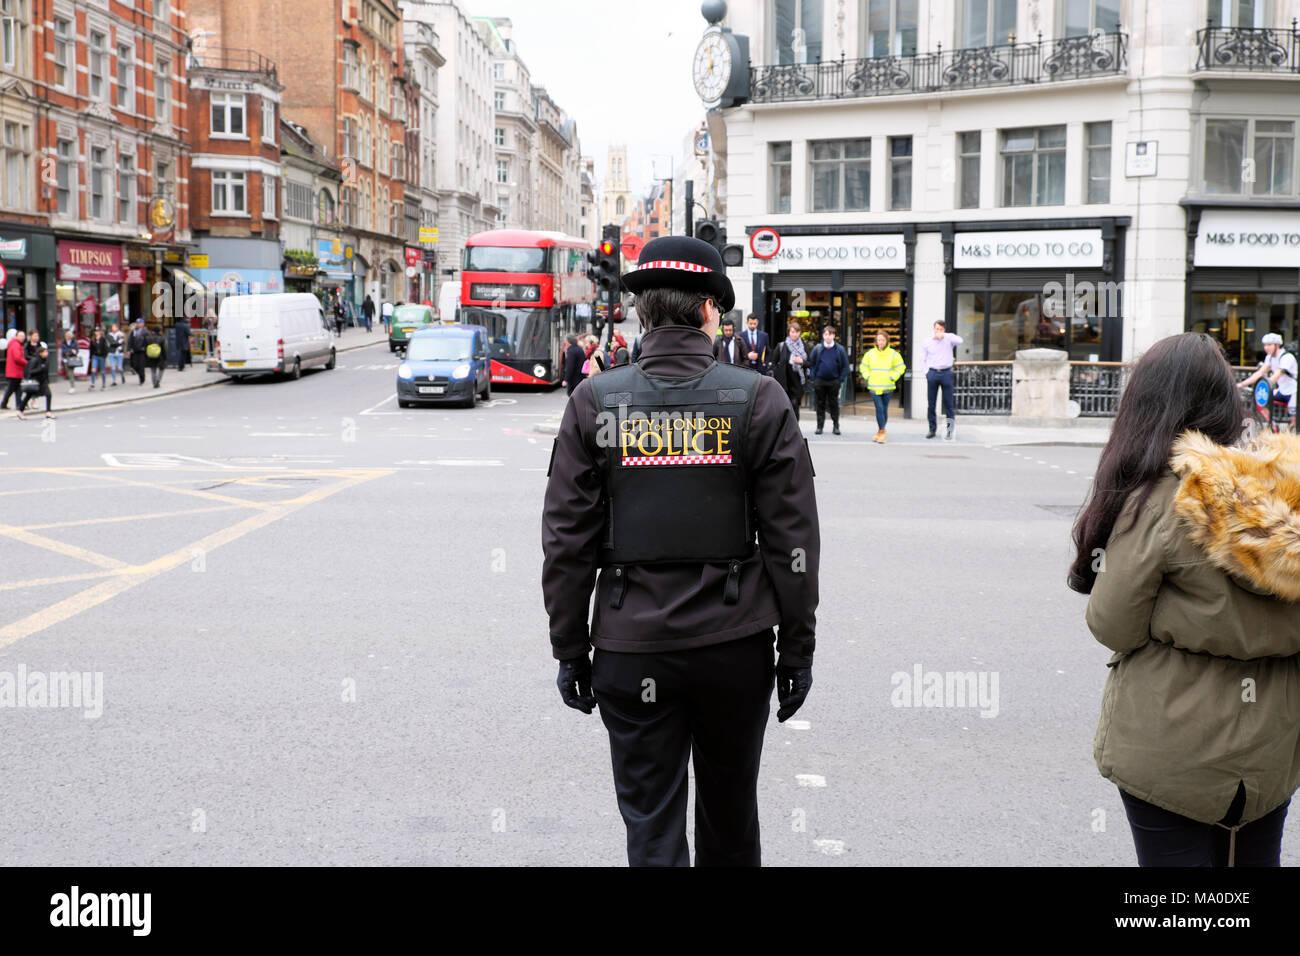 Rückansicht weibliche Polizistin der Londoner Polizei in Uniform auf der Straße im Zentrum von London England Großbritannien Großbritannien KATHY DEWITT Stockbild